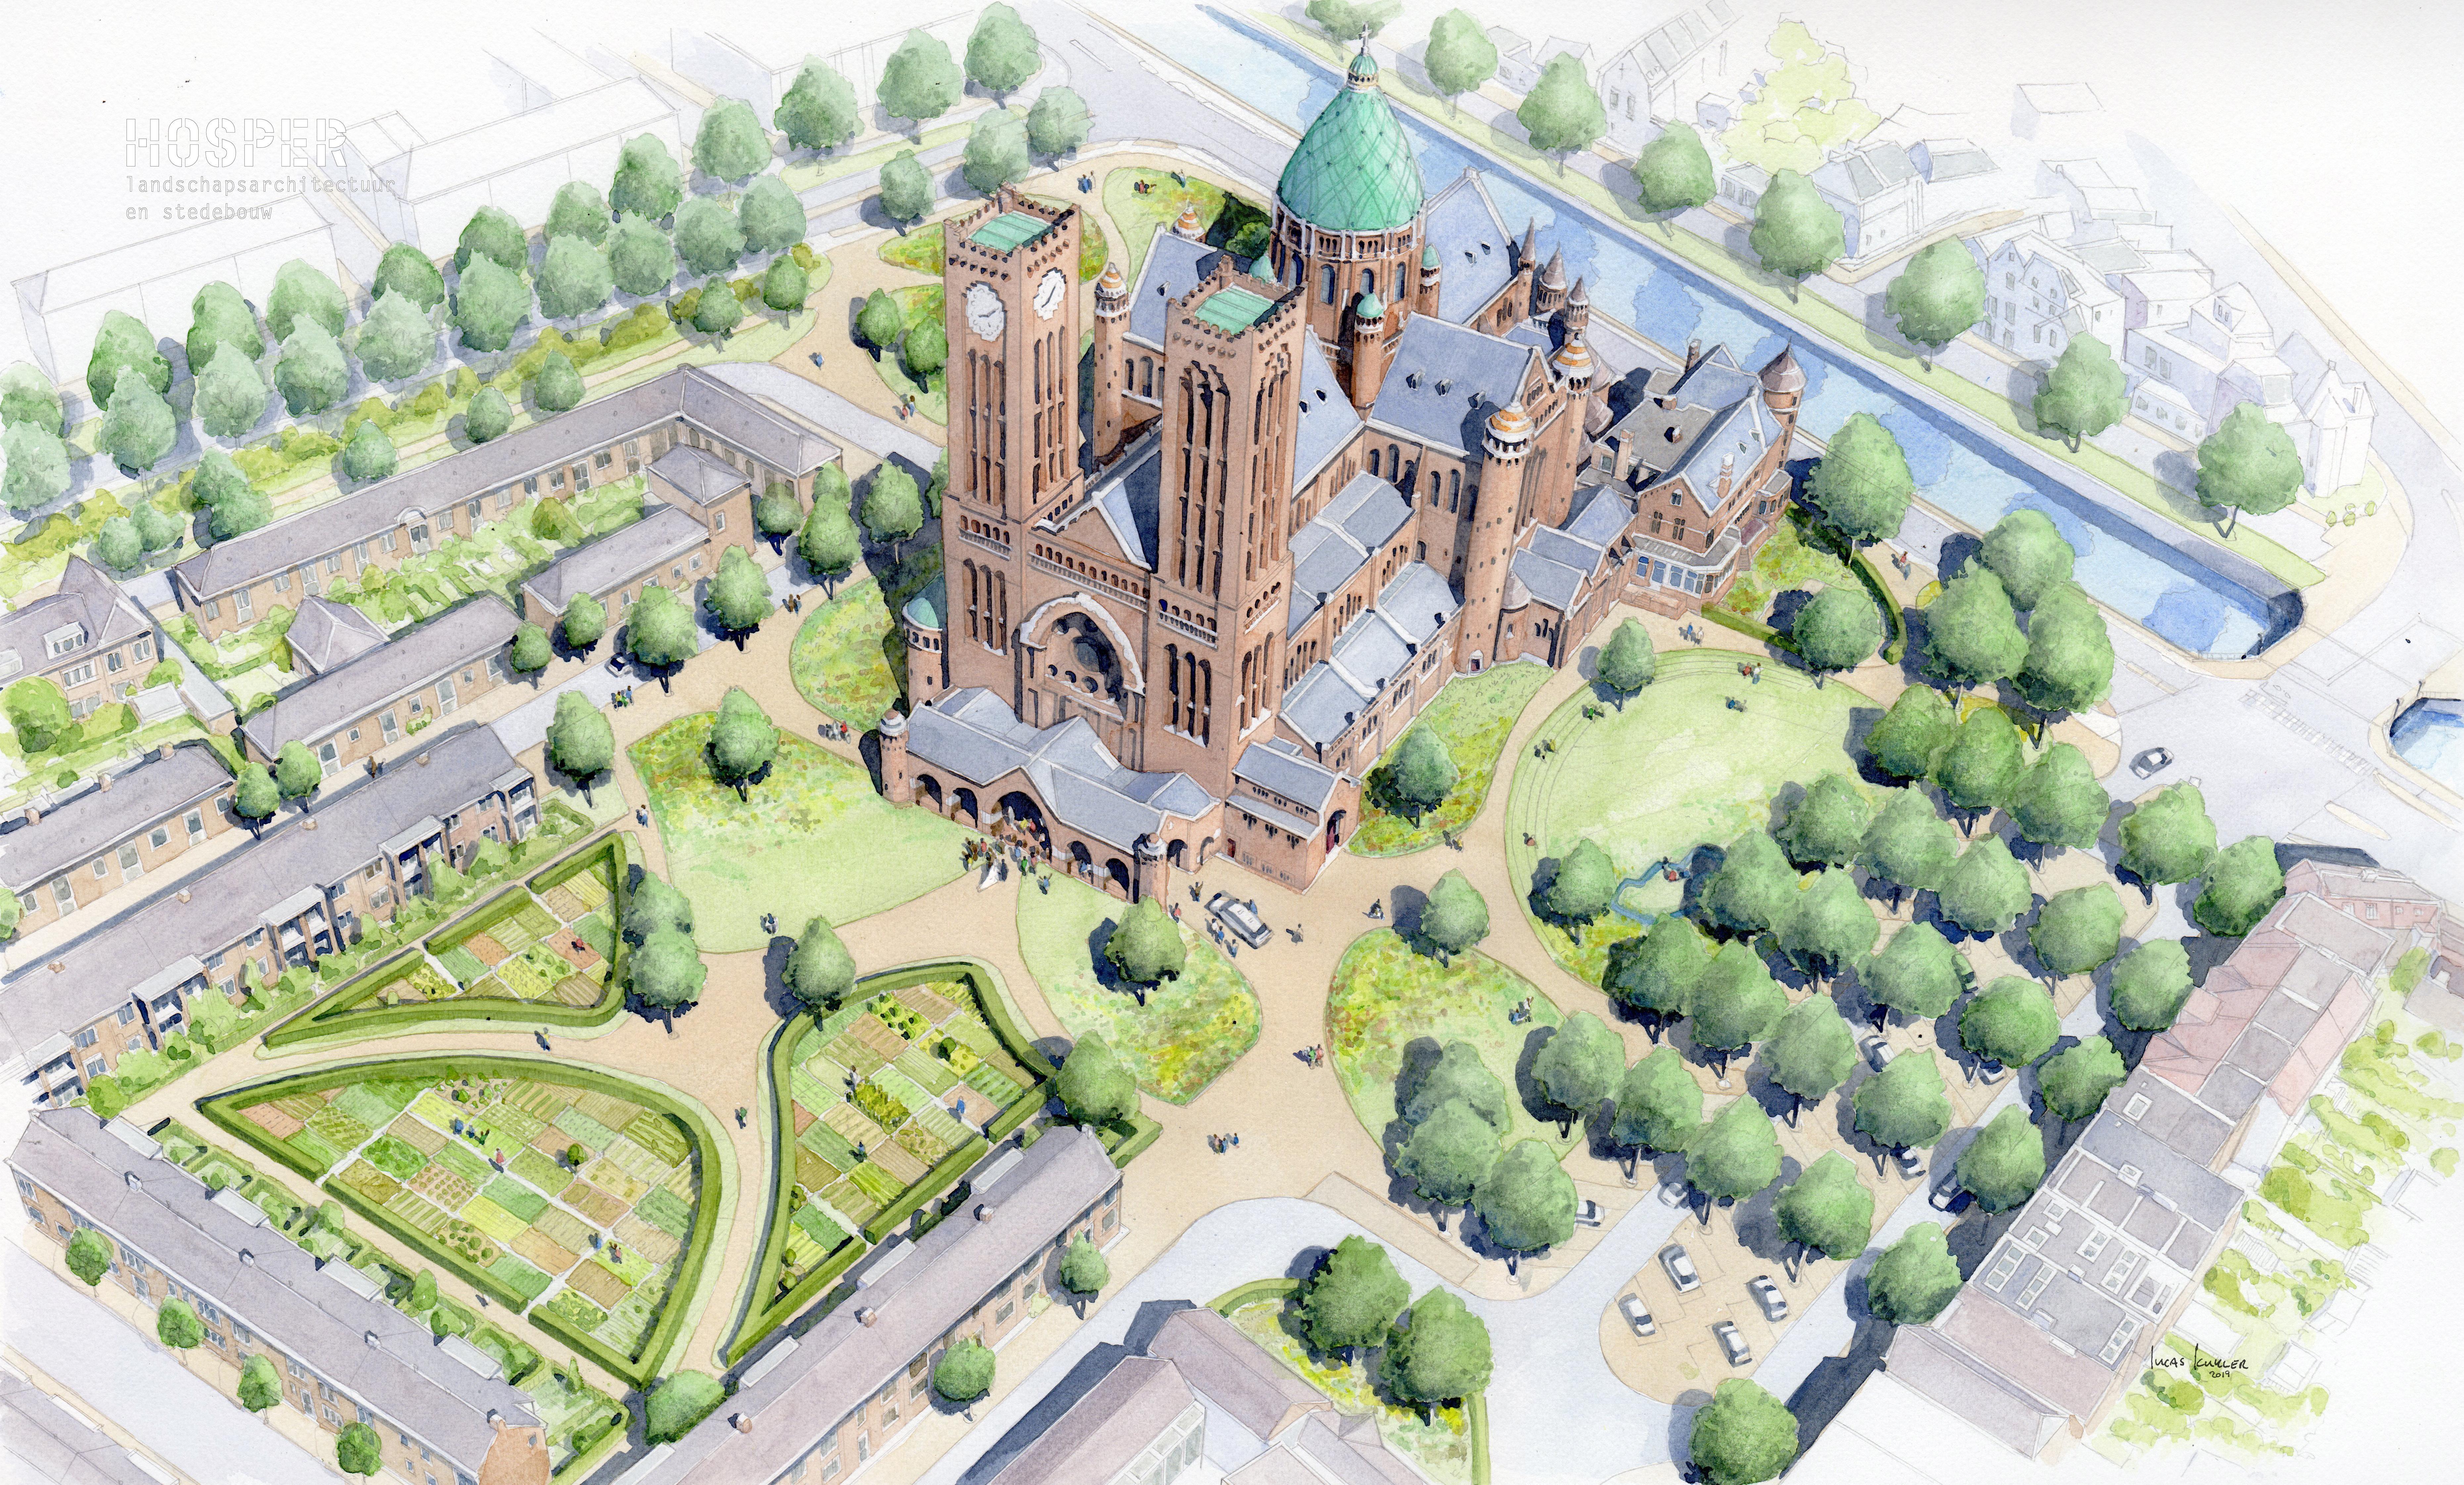 Groene wandeling rond de kathedraal in Haarlem: nog geen zekerheid of kerktuin bij stadspark komt - Haarlems Dagblad